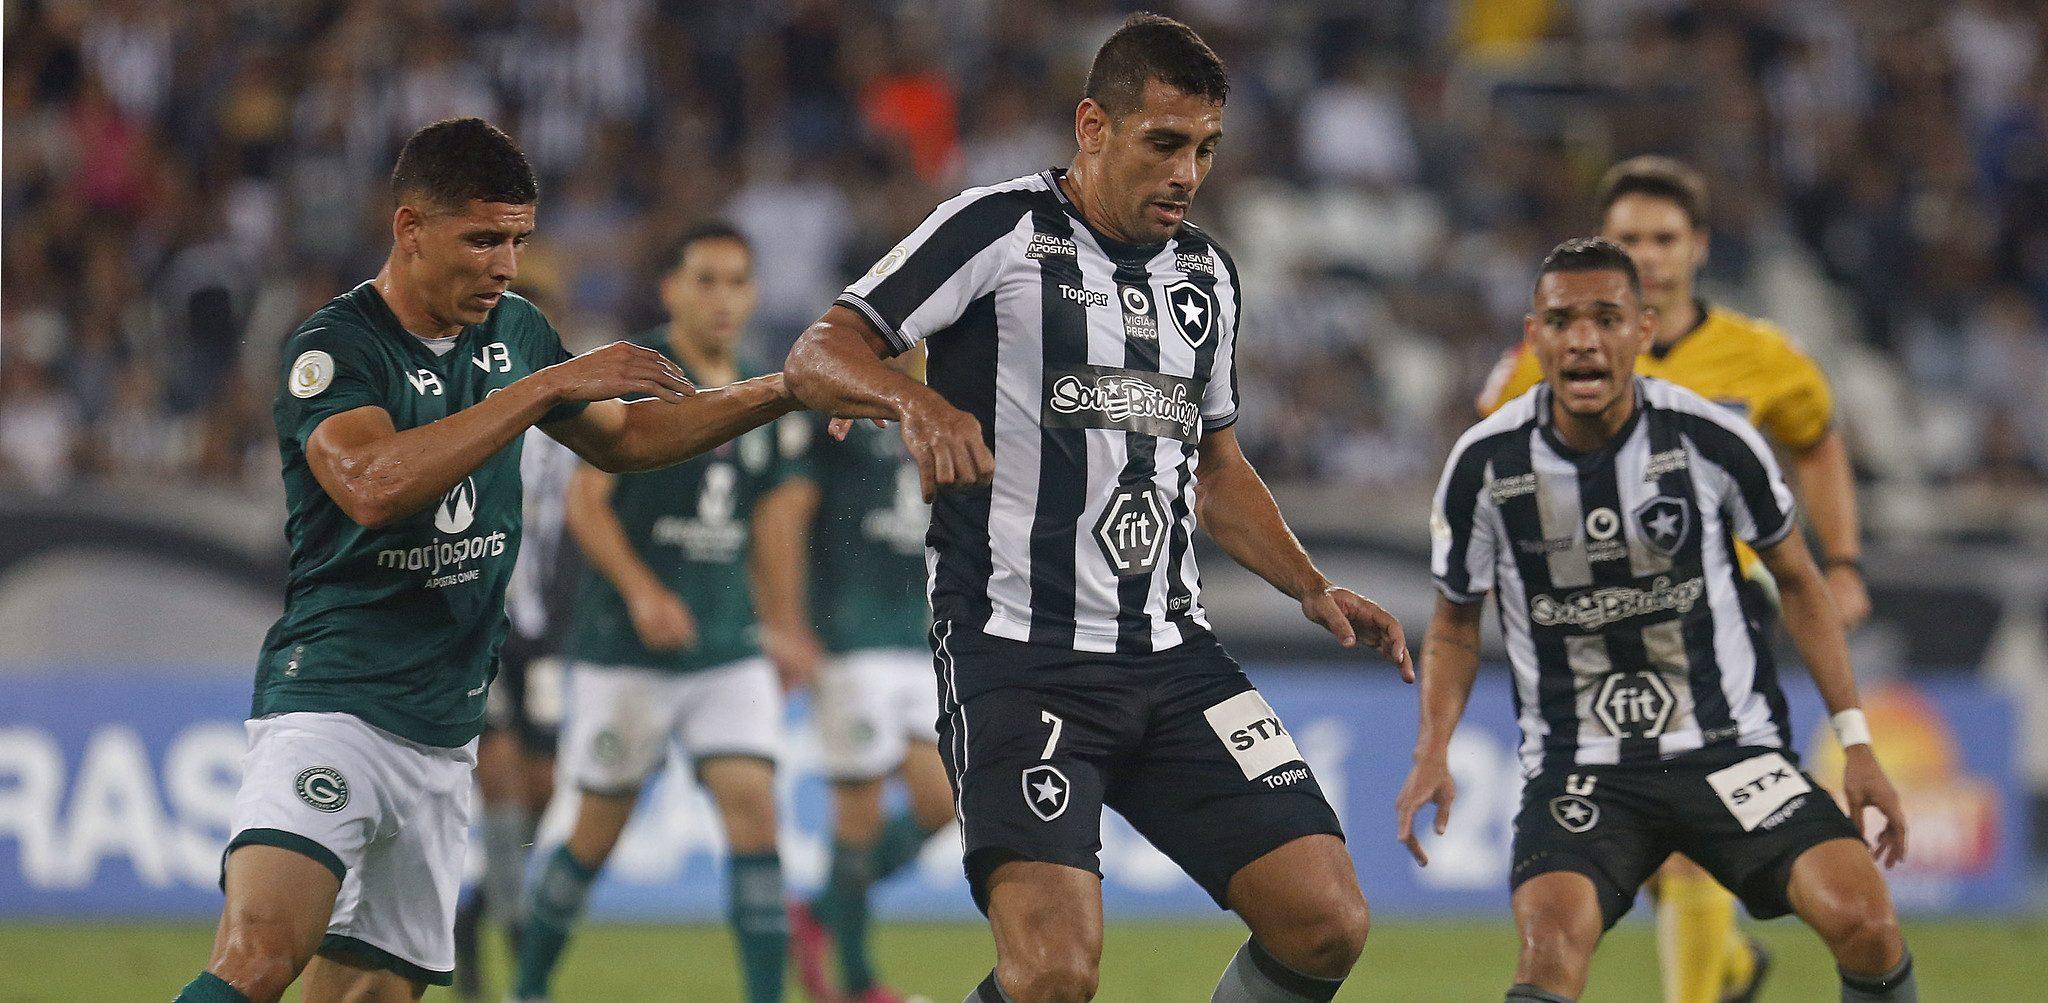 Gabriel abriu o placar para o Botafogo aos 31 minutos do primeiro tempo. Na segunda etapa, João Paulo ampliou aos 19 minutos e Marcelo Benevenuto diminuiu para o Goiás marcando contra aos 31 minutos. Na sequência, aos 35, Léo Valência definiu o placar. Foto: Vitor Silva/Botafogo